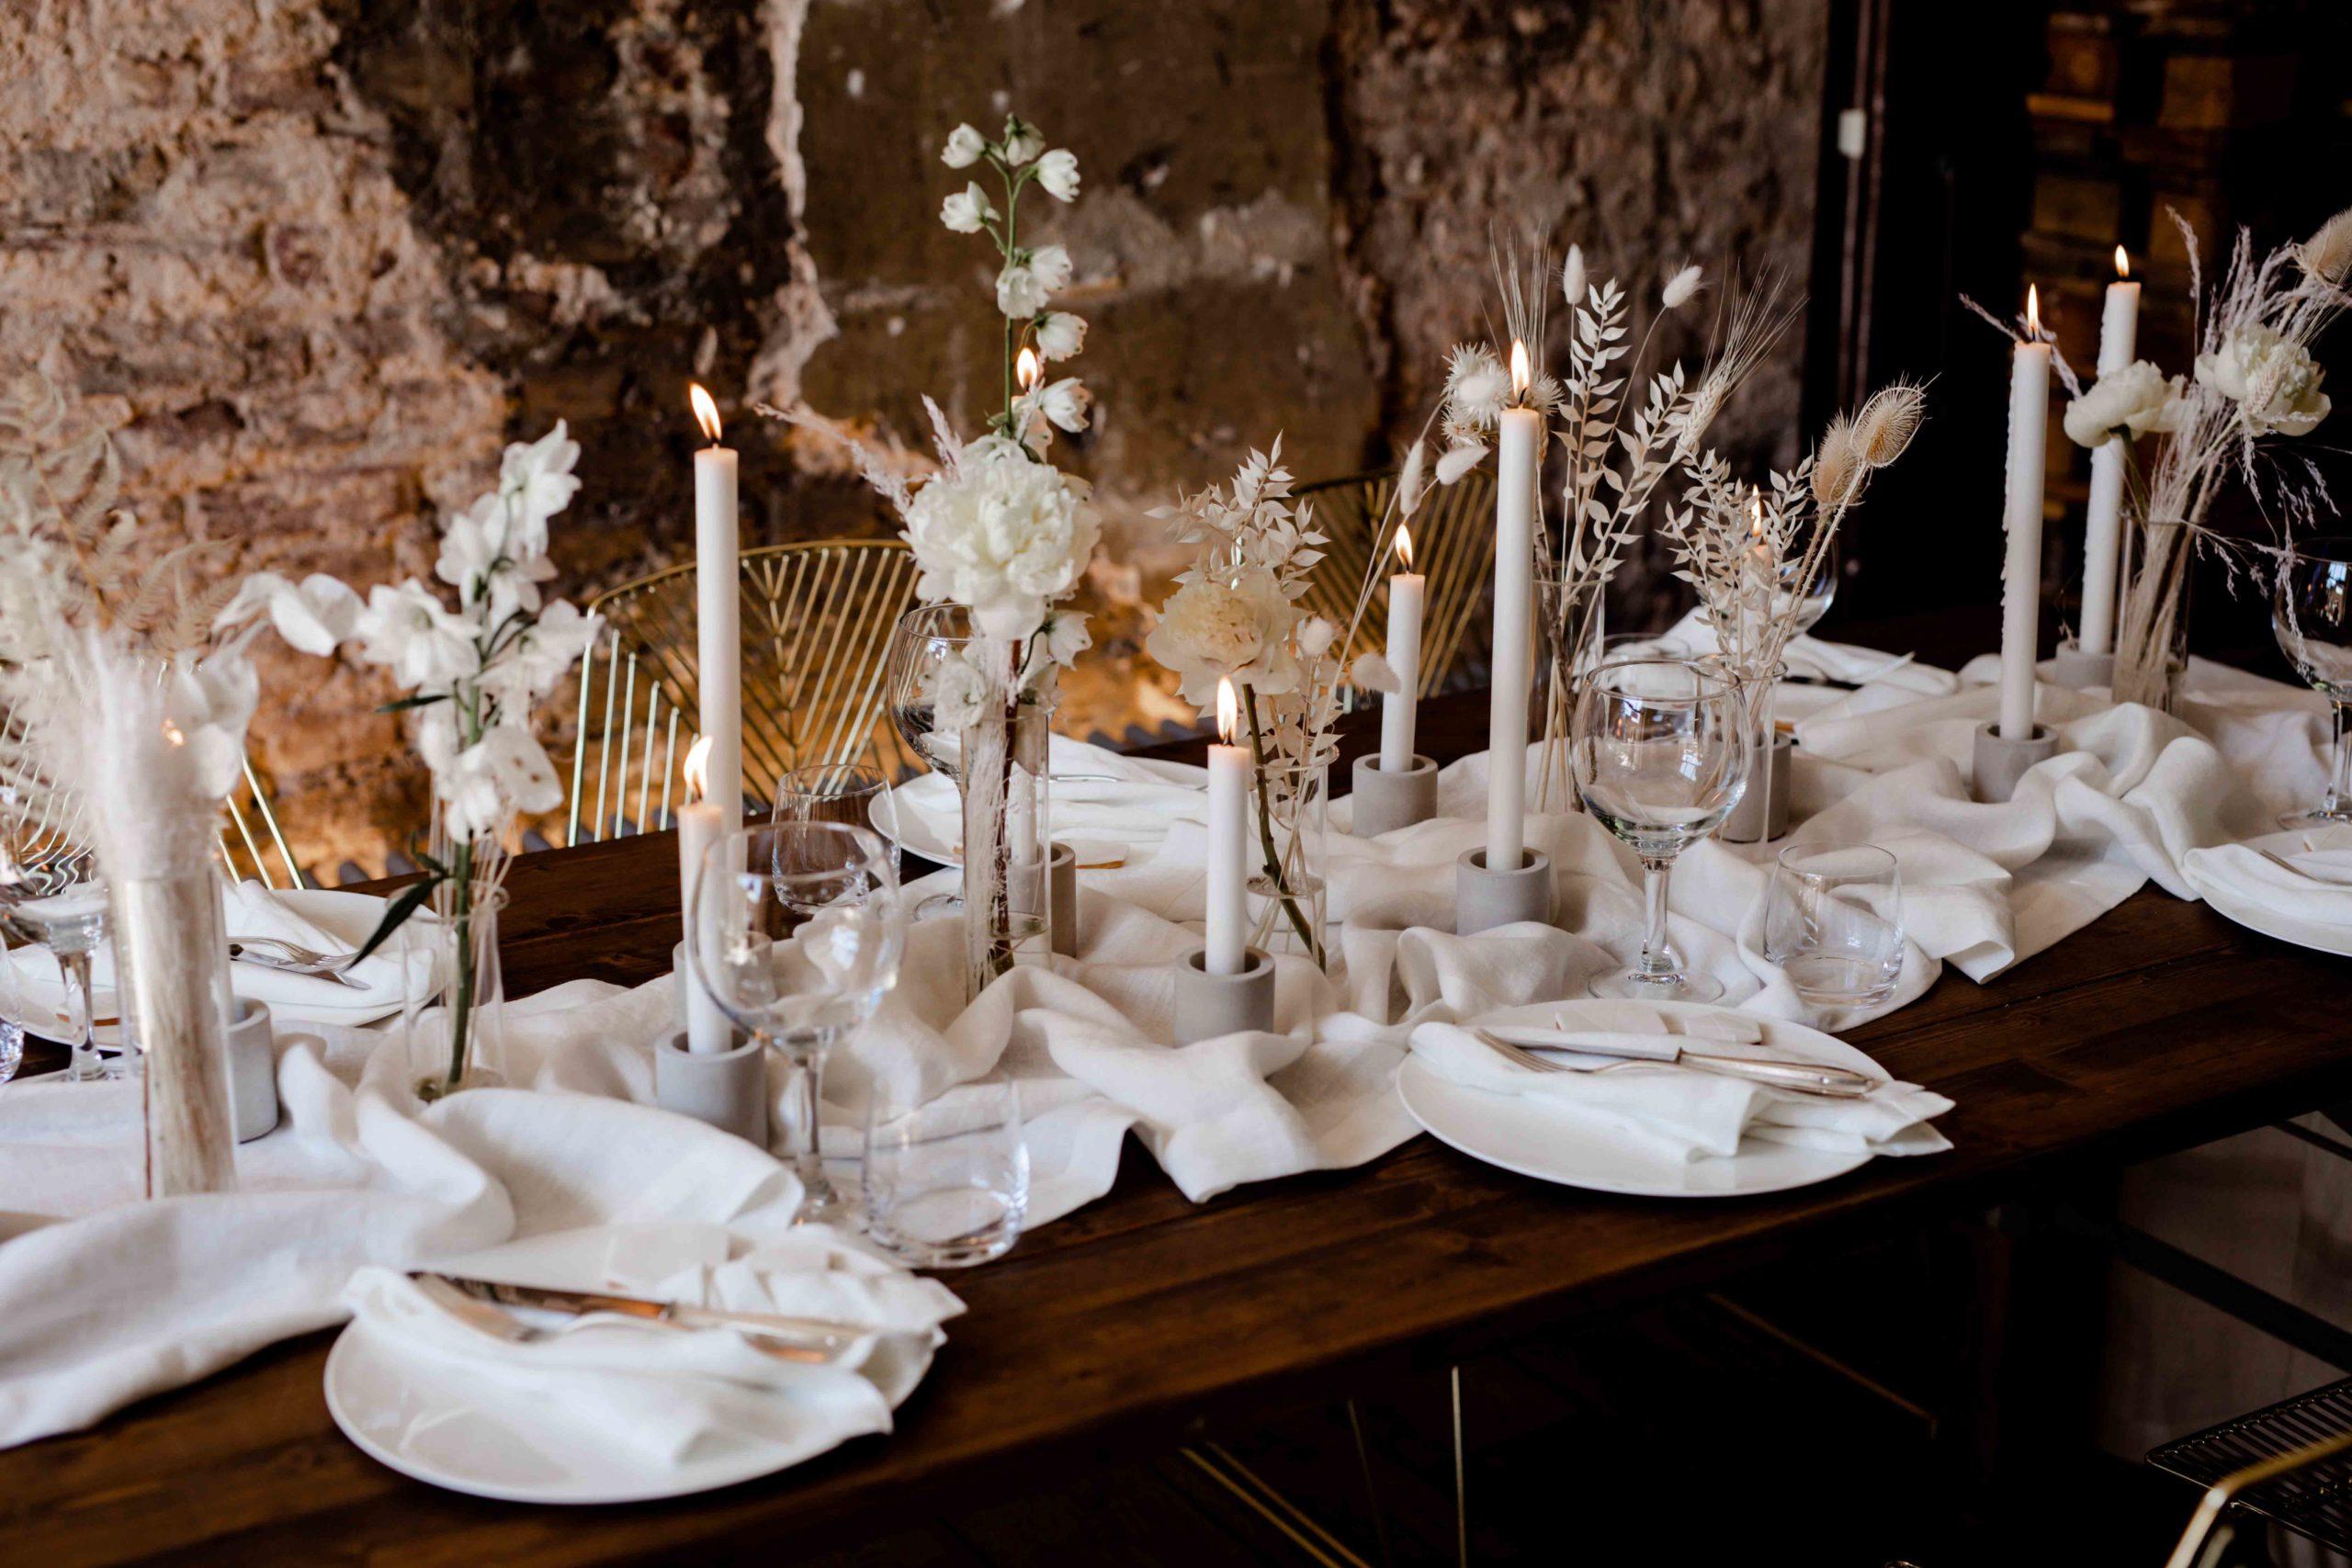 Styled Shoot für Hochzeitsinspiration, Detailaufnahme von Tischdekoration mit Kerzenleuchtern, Tellern und Besteck, Trockenblumen-Gestecken in Weiß, goldenen Chrome-Stühle